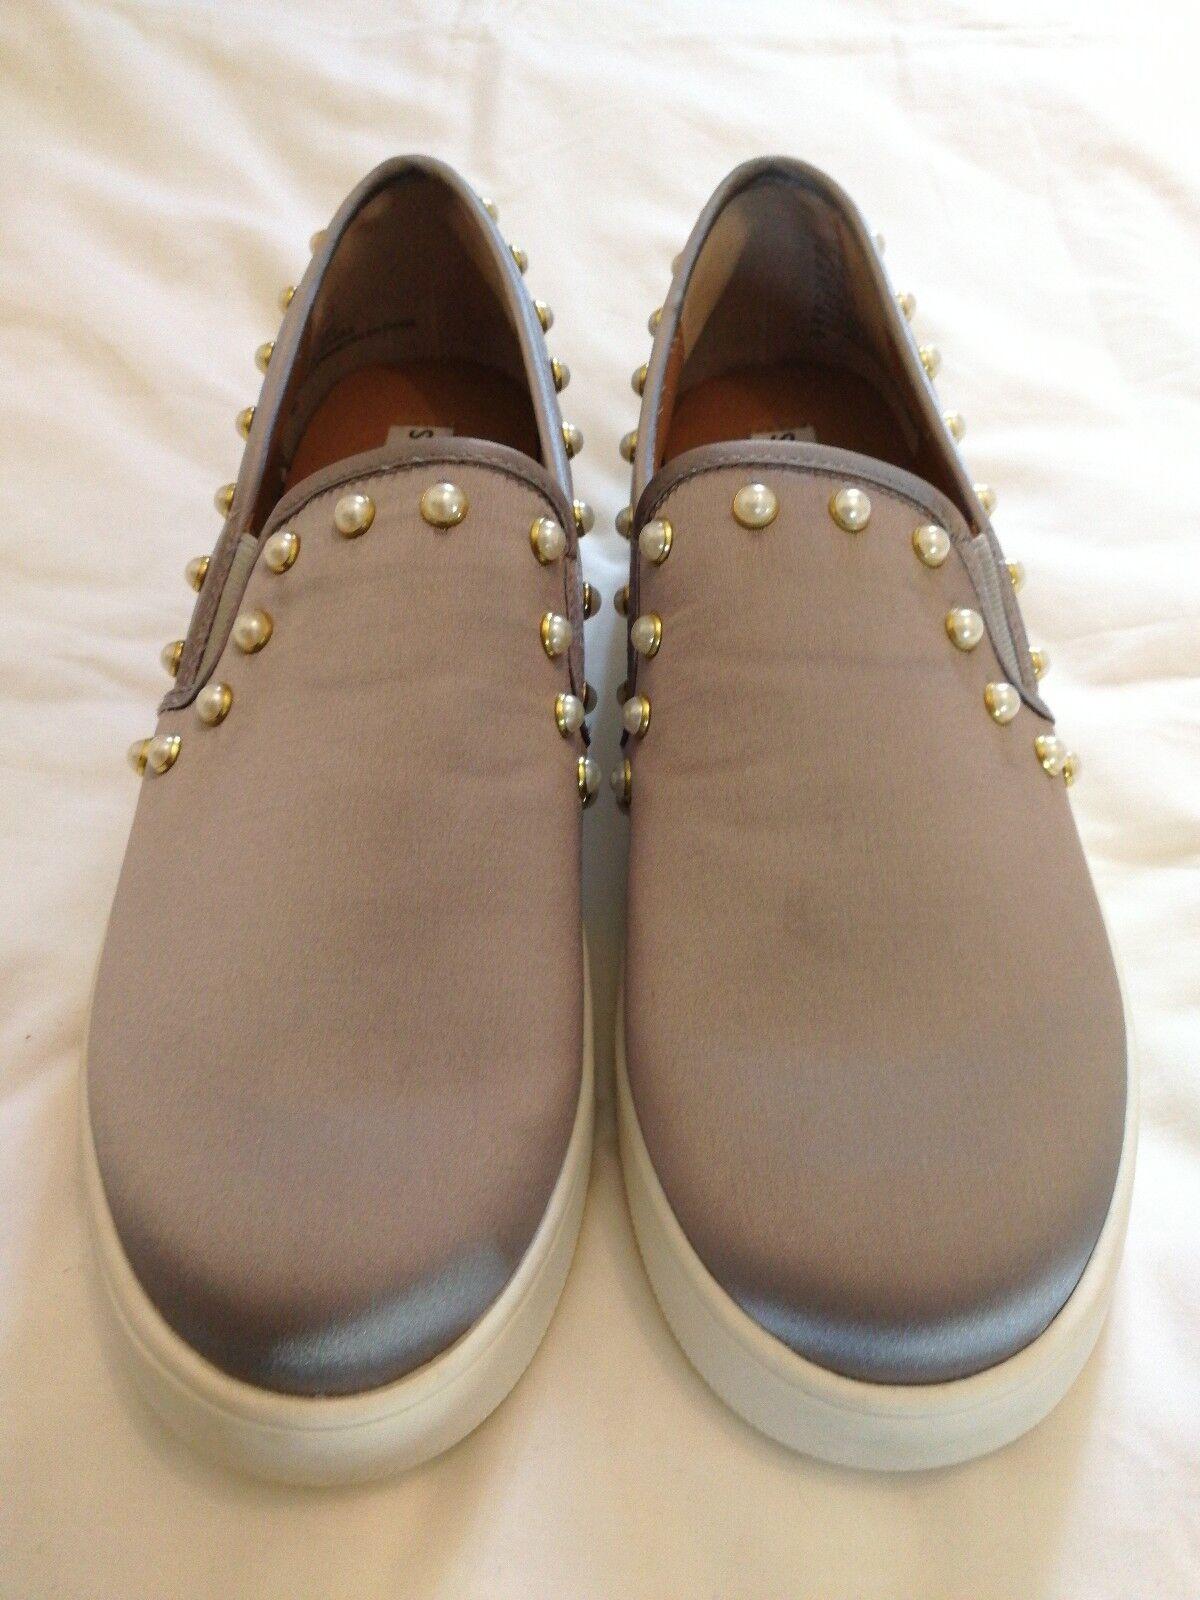 Steve Madden Genette P Platform Loafer shoes Size uk 6 eu 39